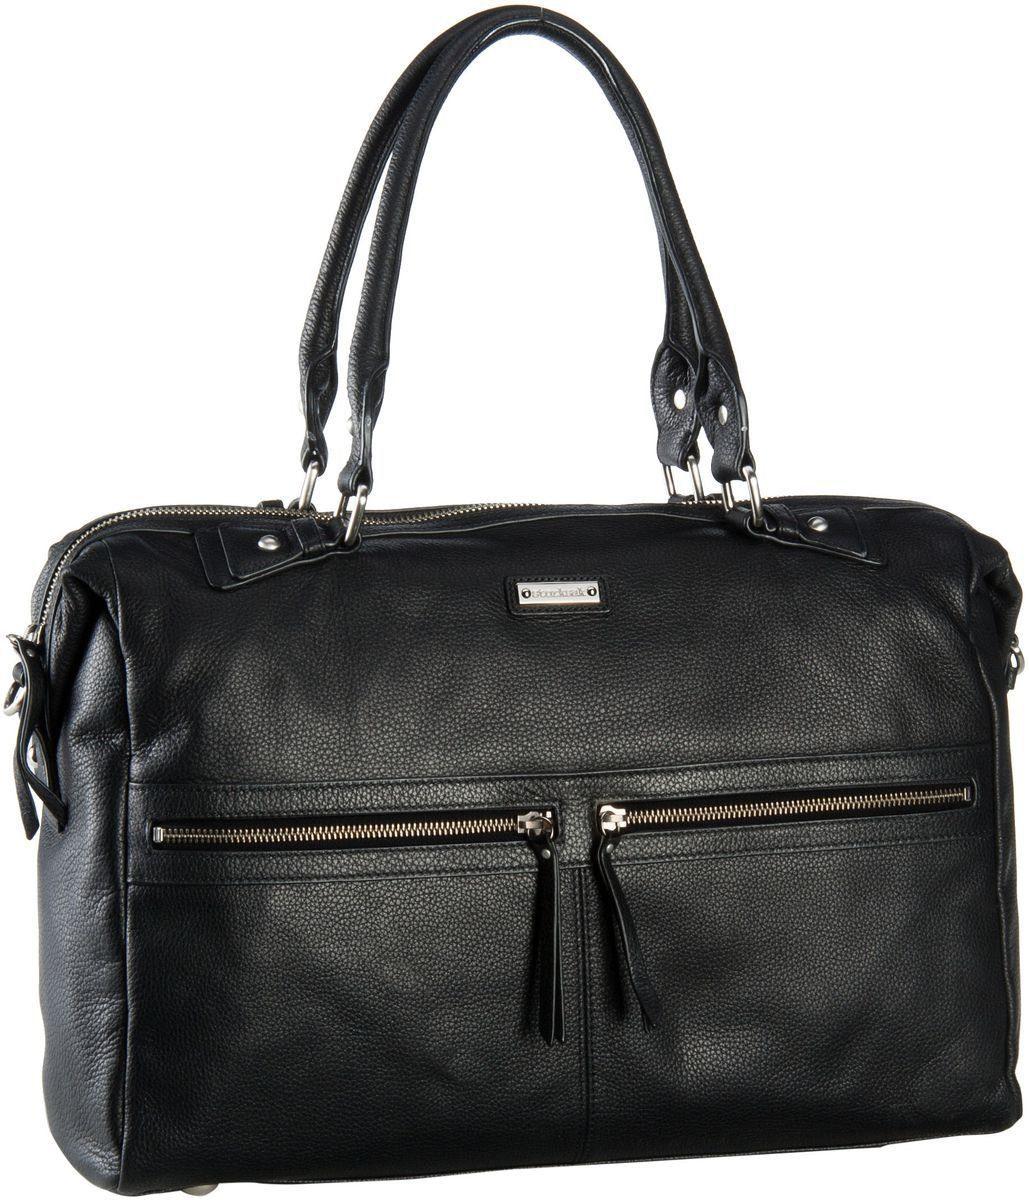 Storksak Wickeltasche »Caroline Leather«